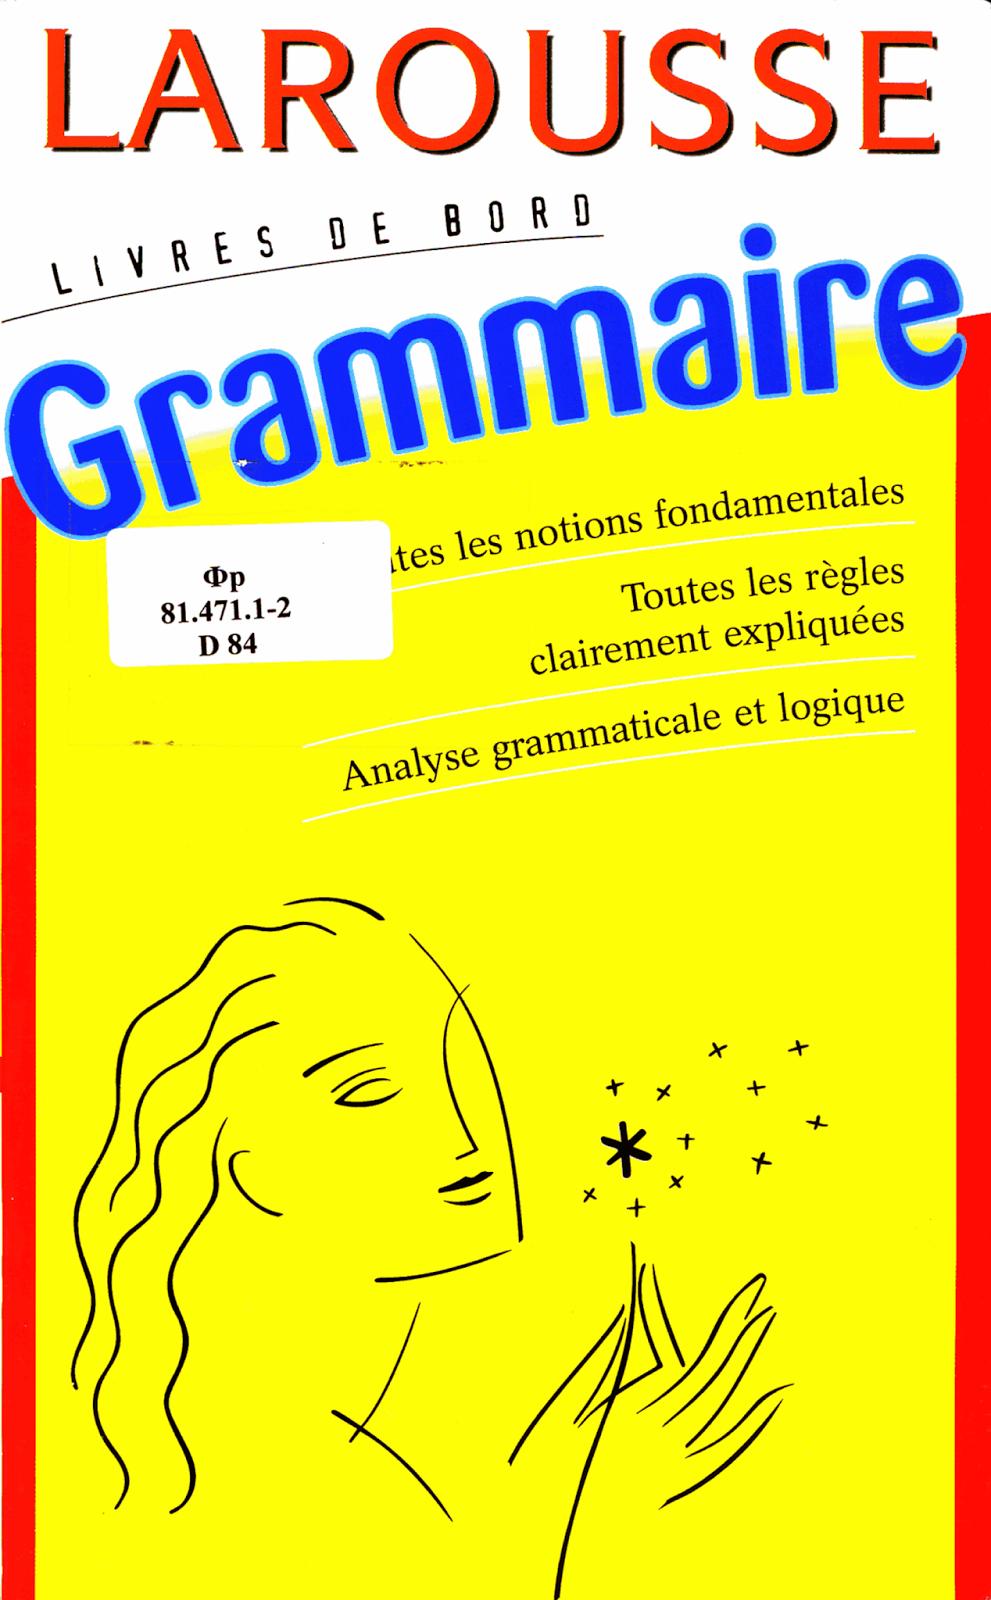 Telecharger Grammaire Larousse Livre De Bord Pdf Gratuit